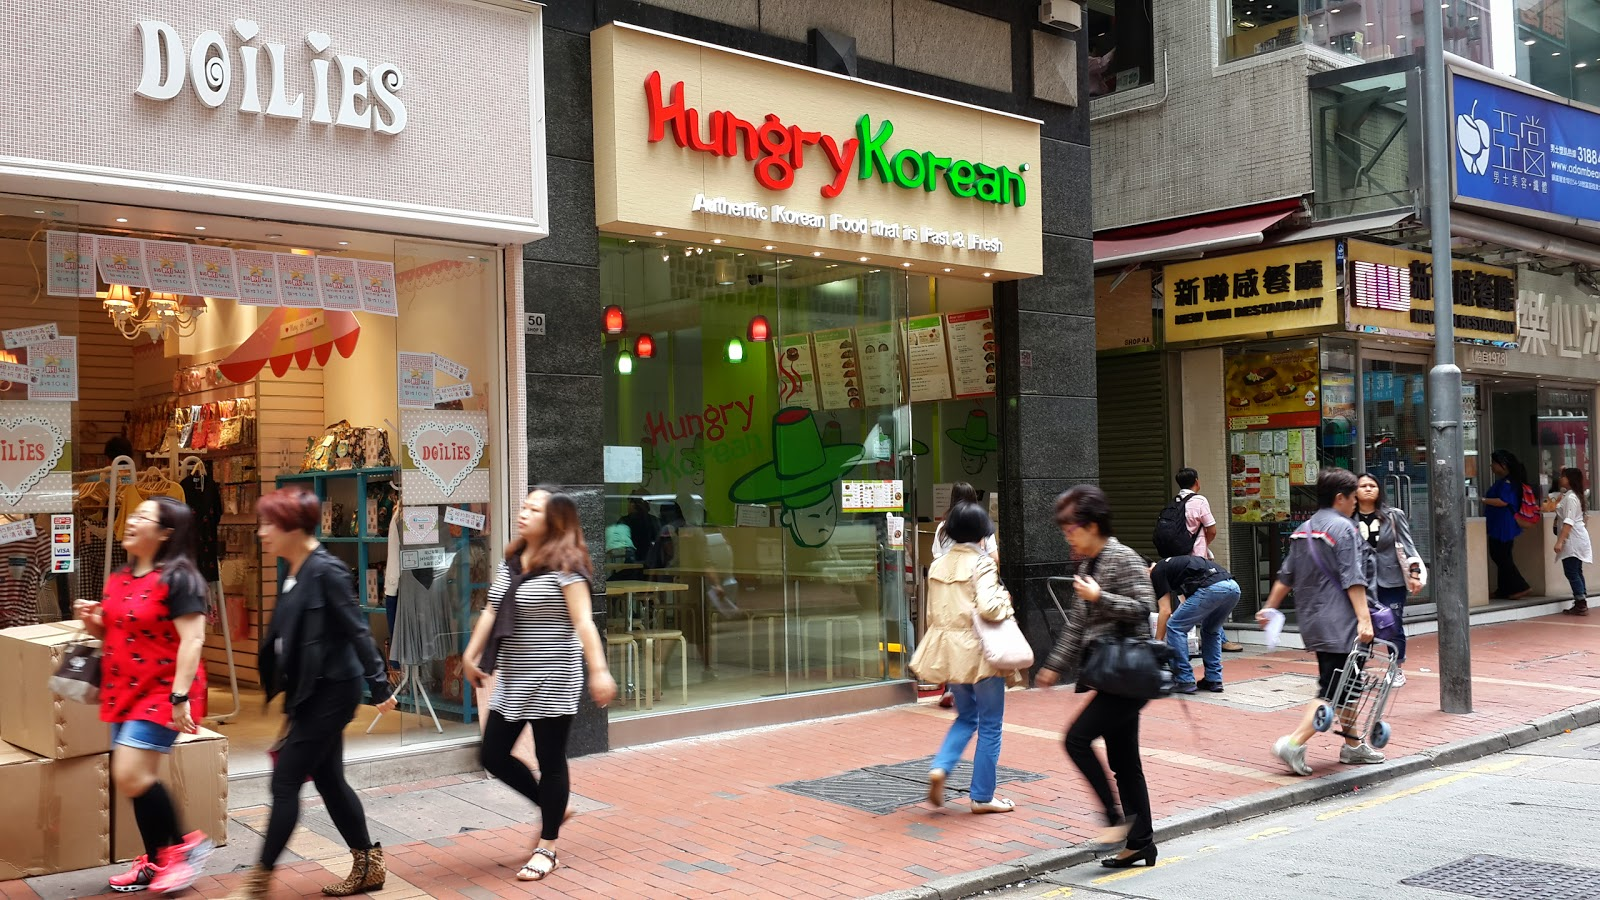 竹仔的天馬行空旅程: [銅鑼灣] Hungry Korean:快捷方便的一人韓食體驗